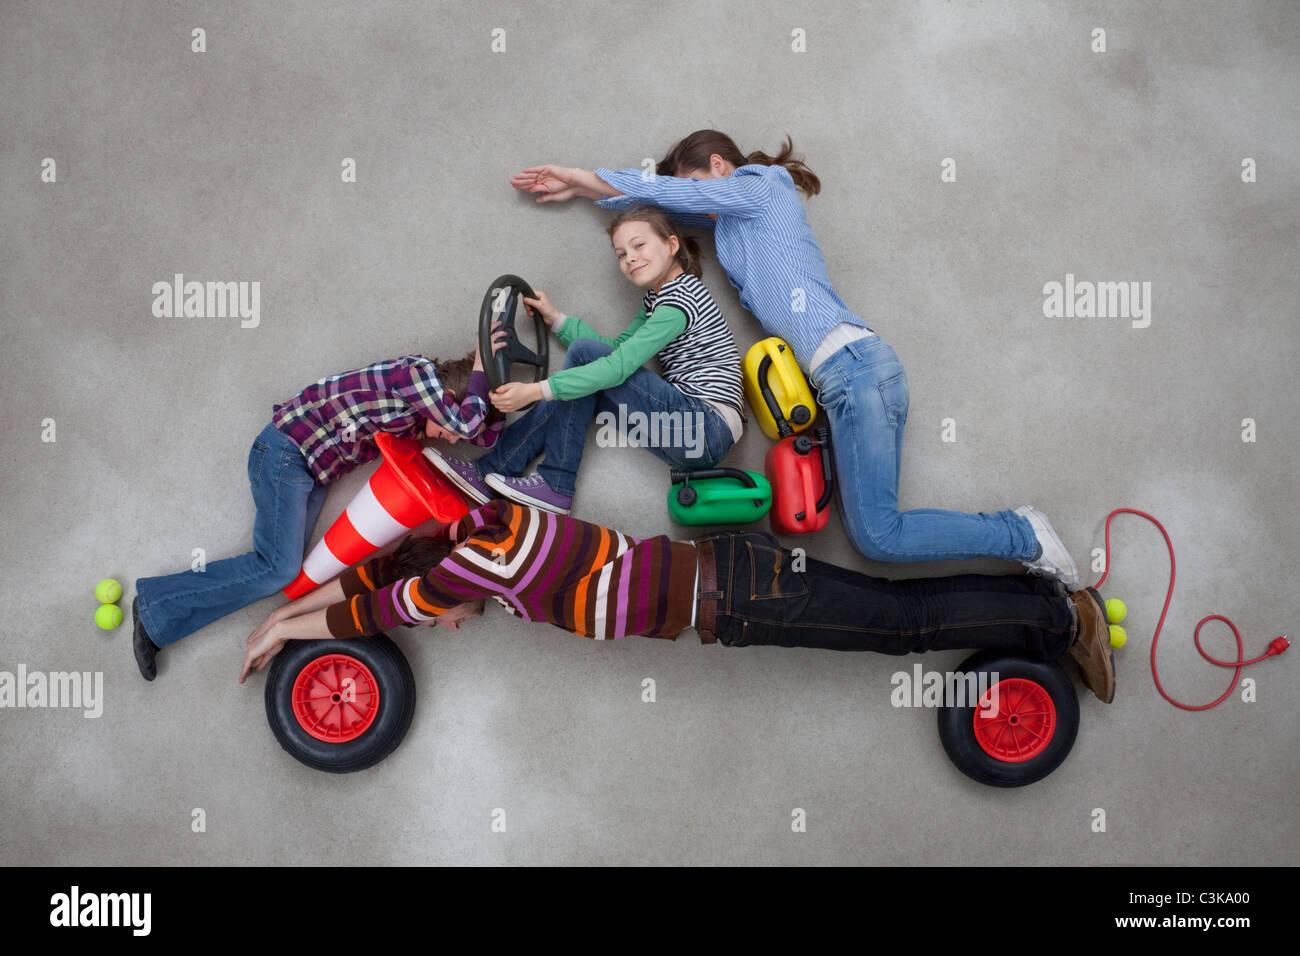 La gente juntos la forma de alquiler Imagen De Stock